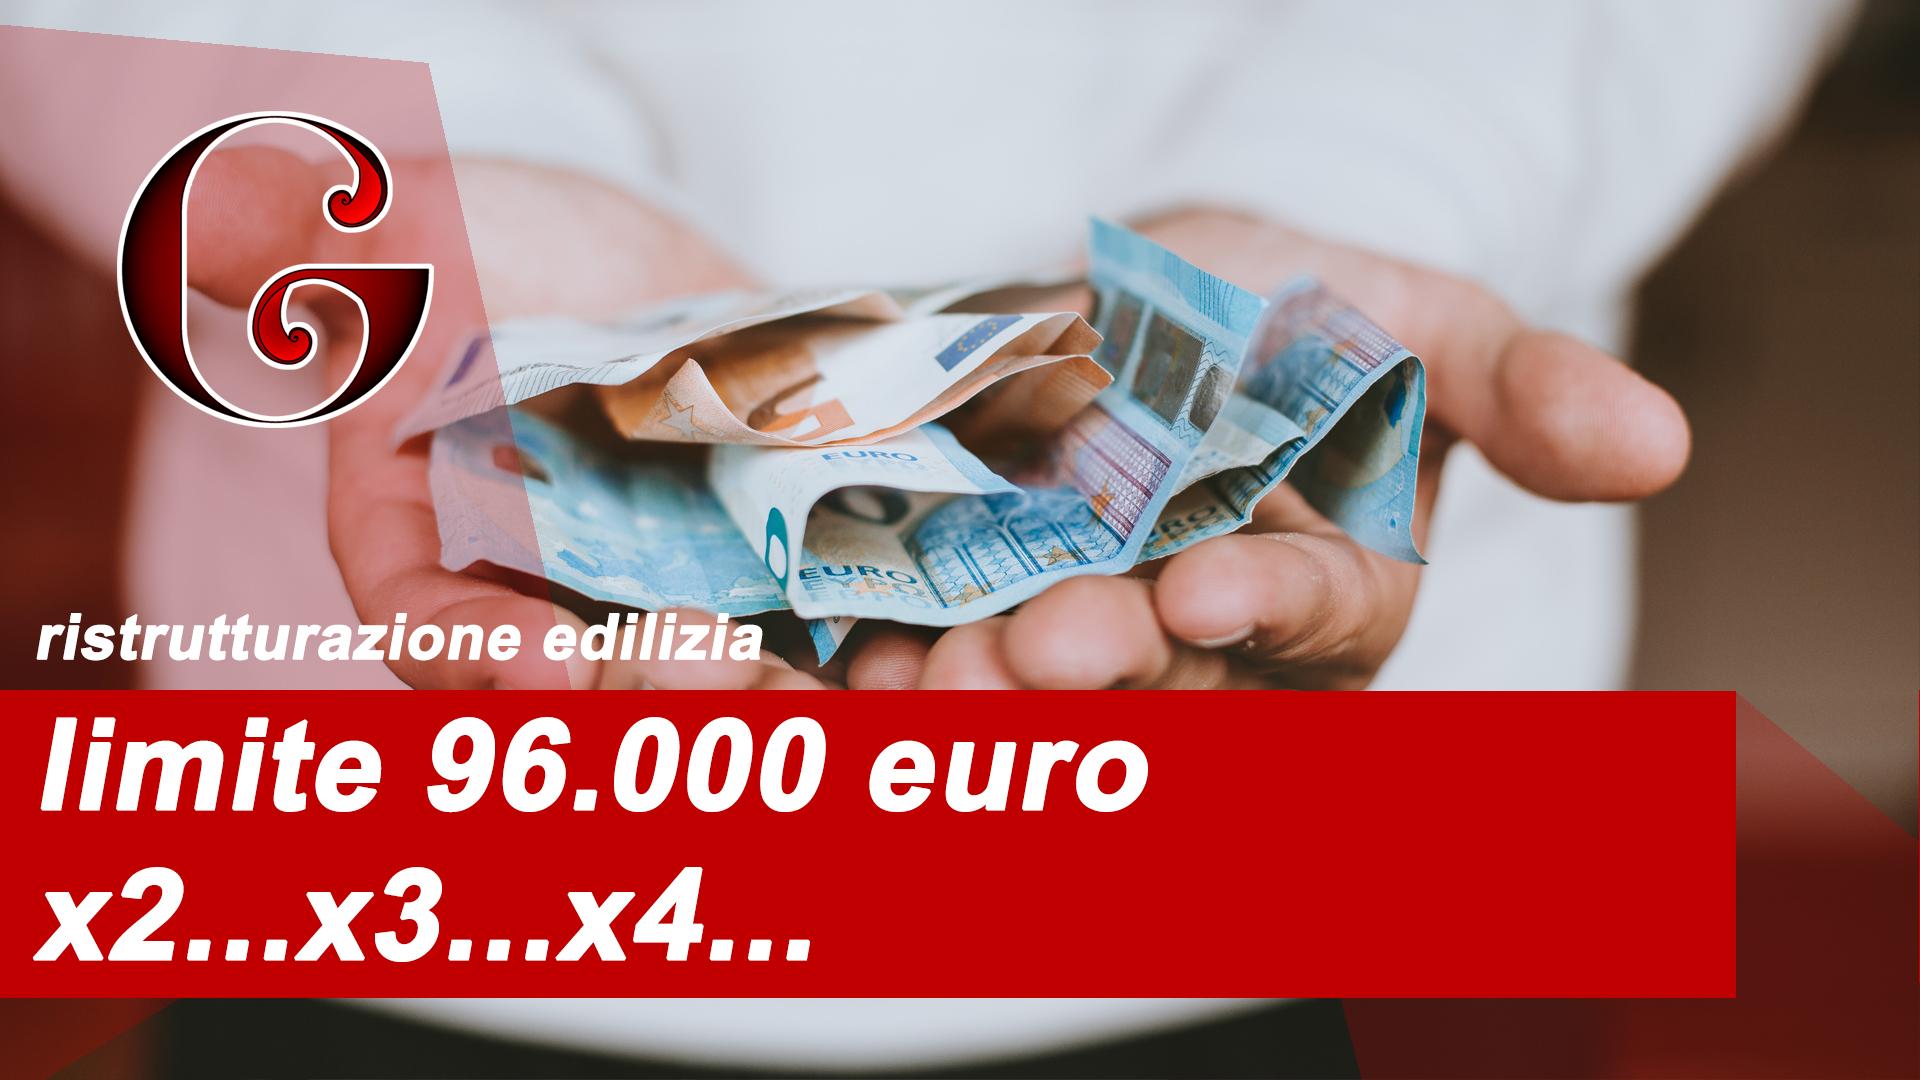 Documenti Per Ristrutturazione Bagno come usufruire due volte del limite di 96.000 euro nella